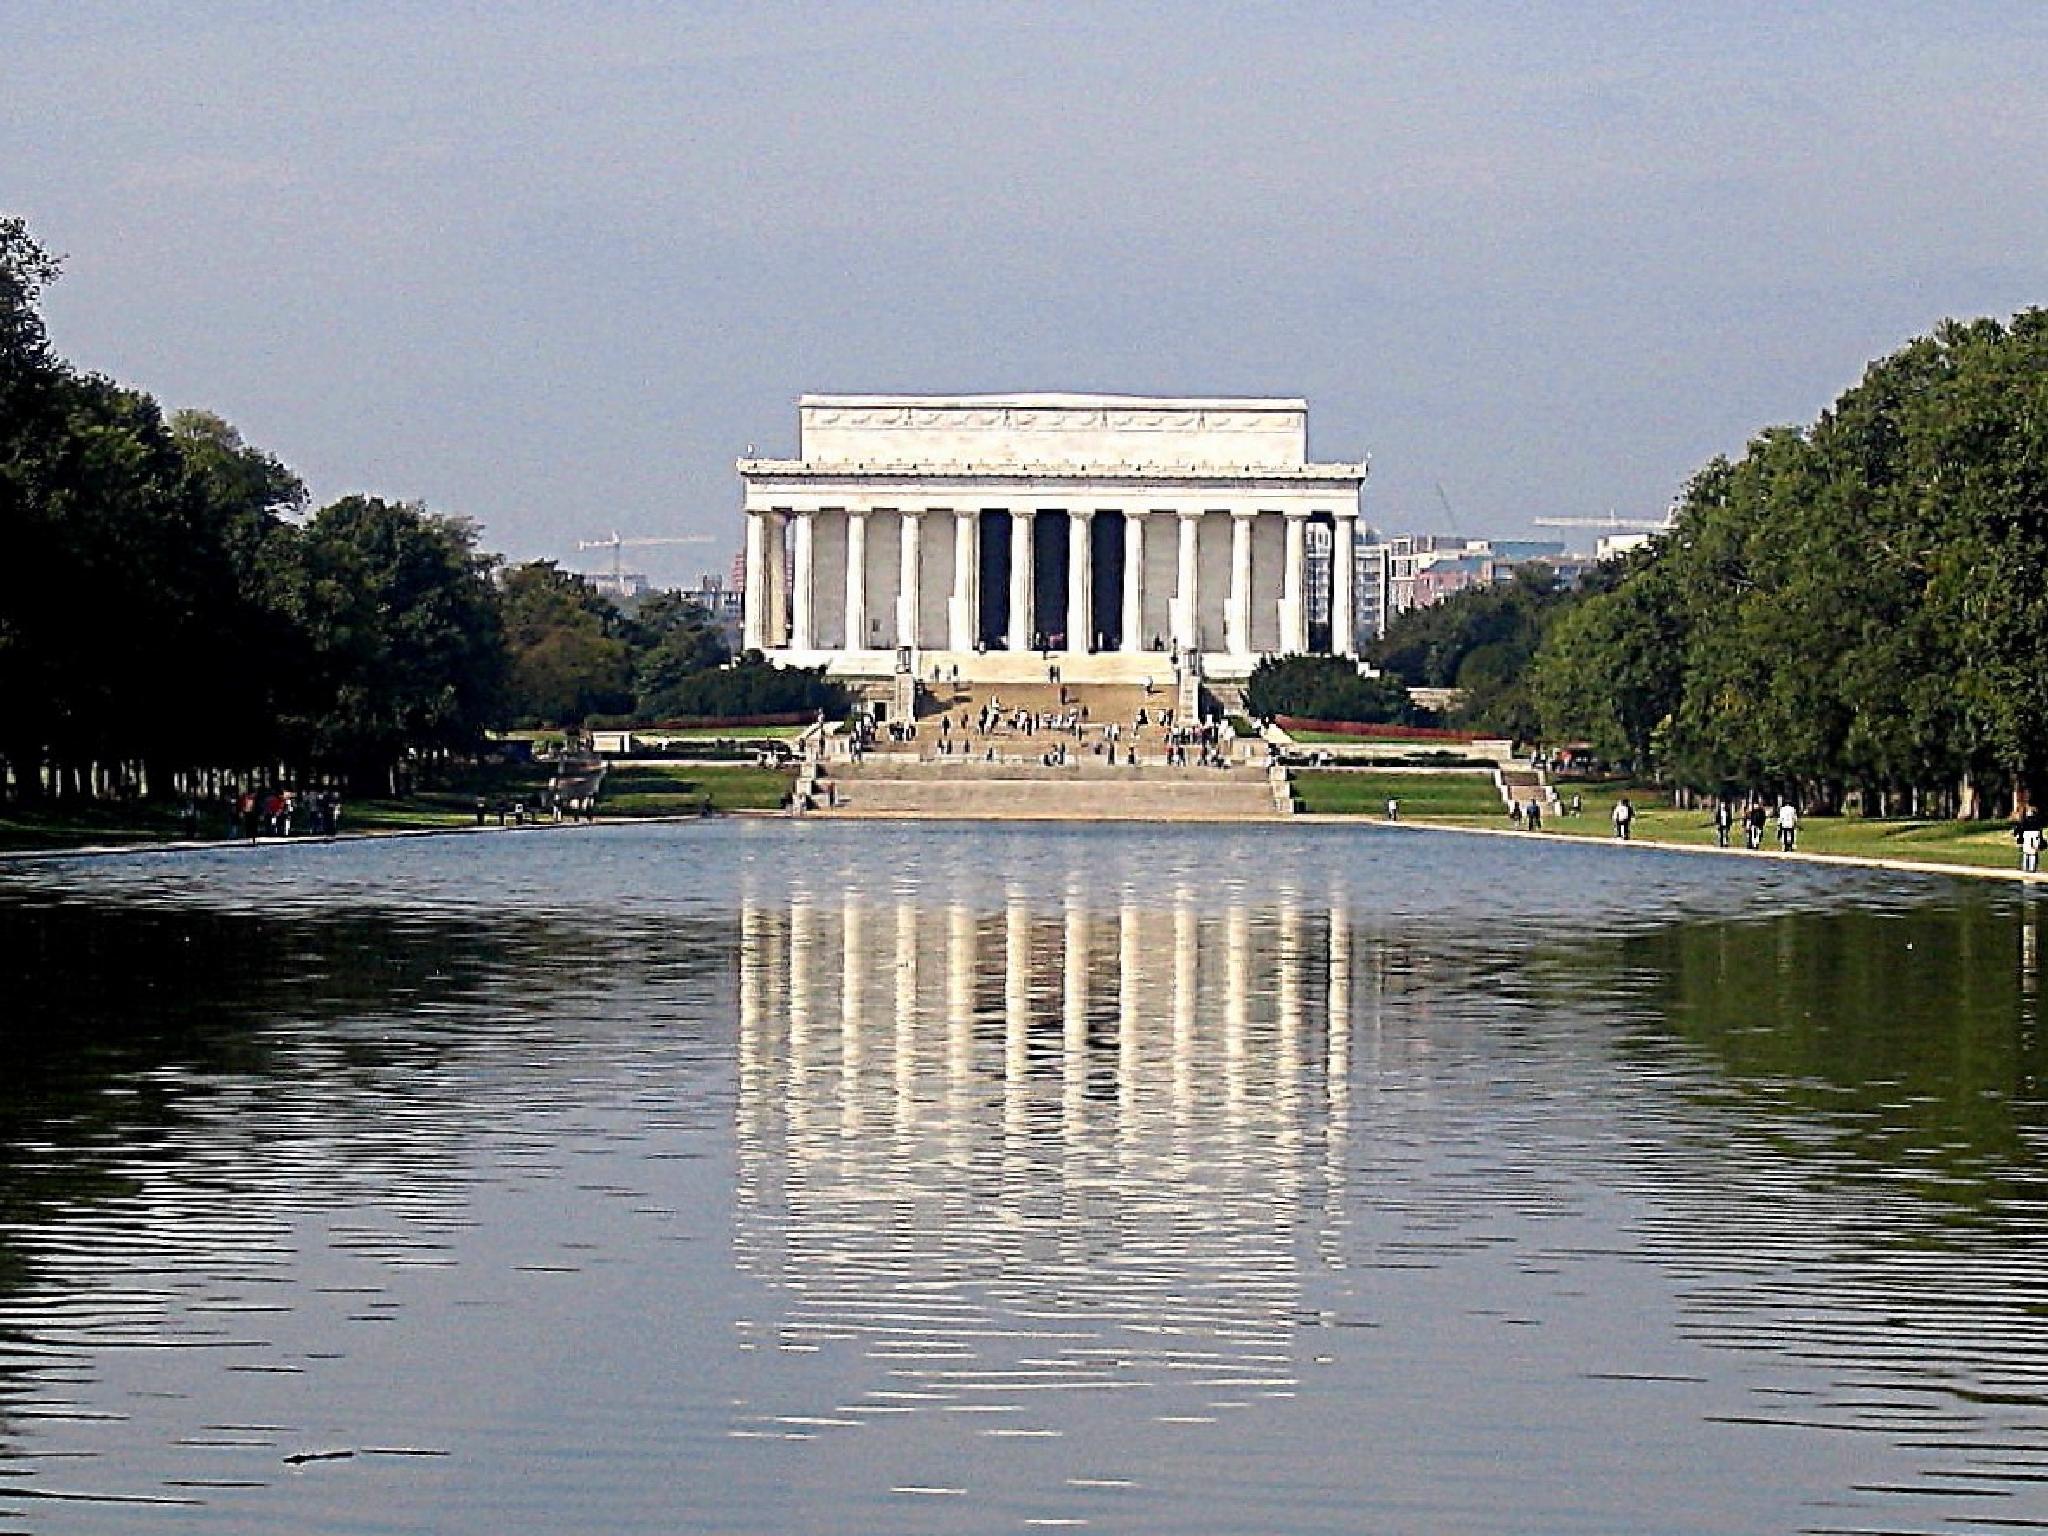 Lincoln Memorial by silviosteinhaus